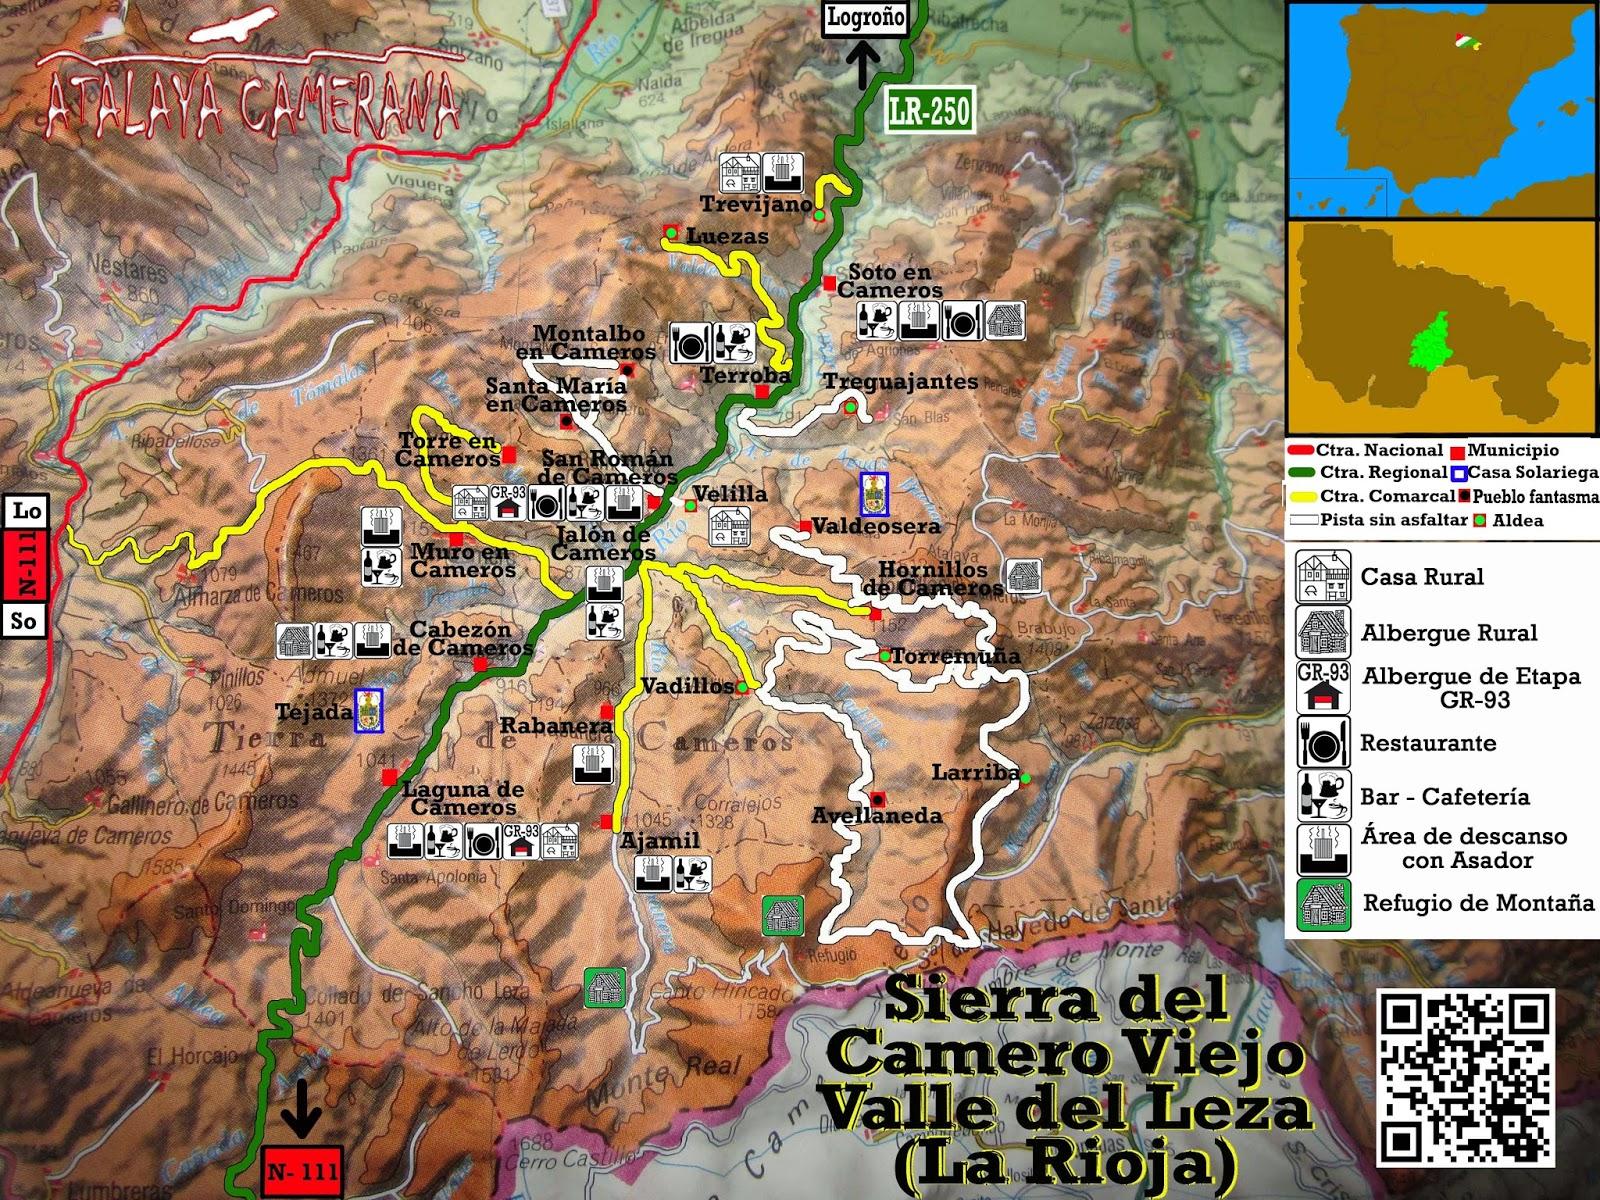 Sierra del Camero Viejo: Casas Rurales, Albergues, Restaurantes y Bares